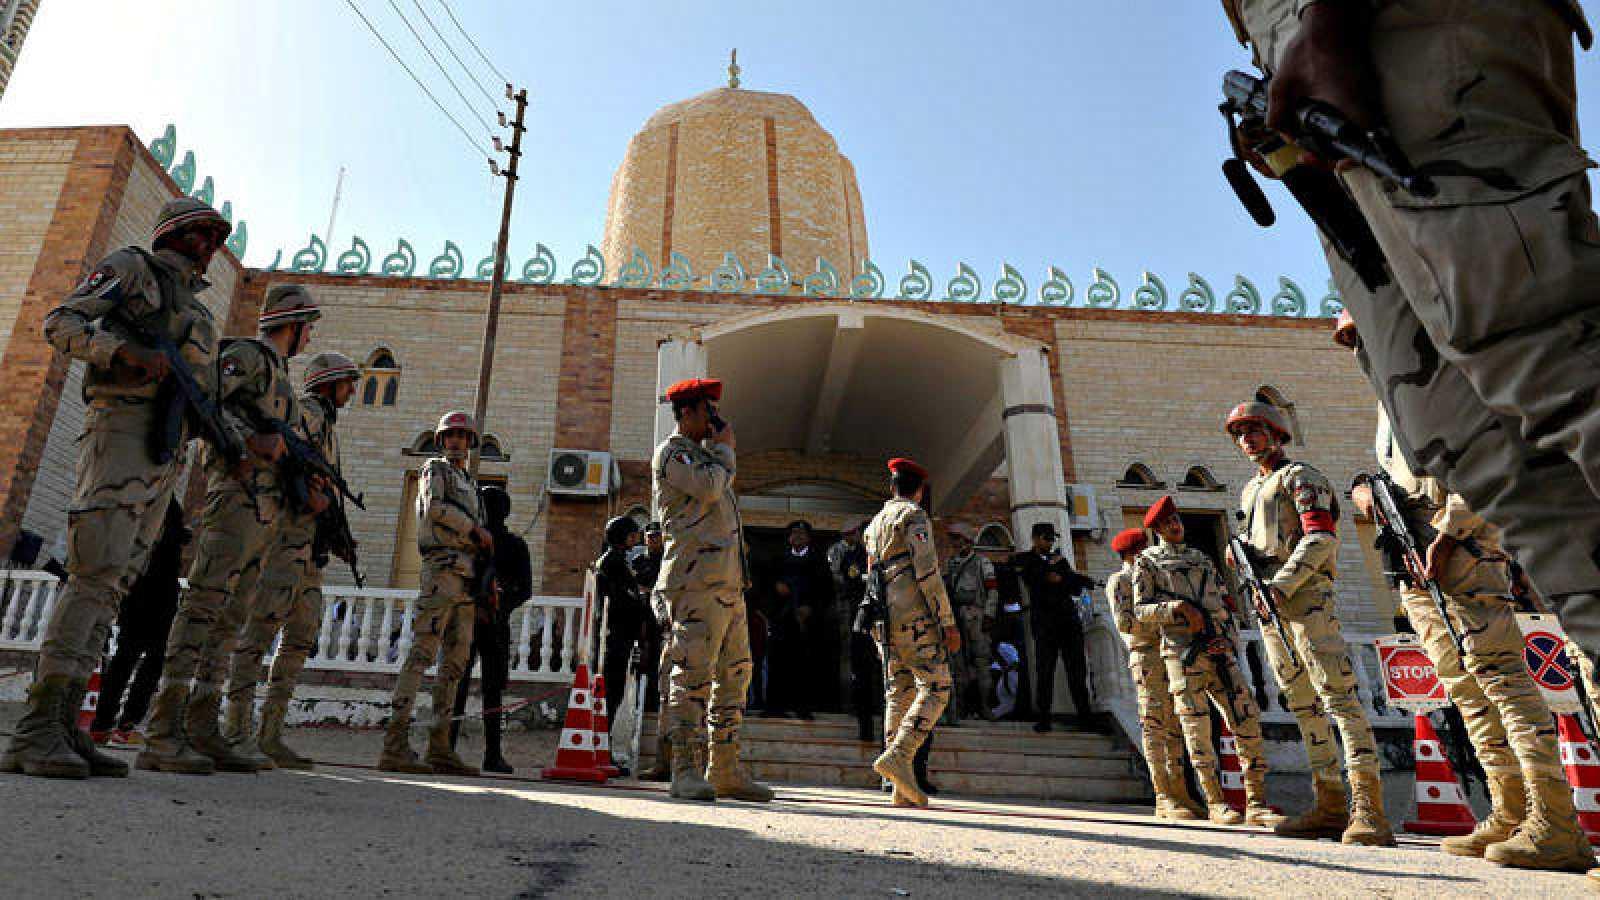 Las fuerzas de seguridad egipcias custodian la mezquita de Al Rauda el día de su reapertura tras el atentado de noviembre